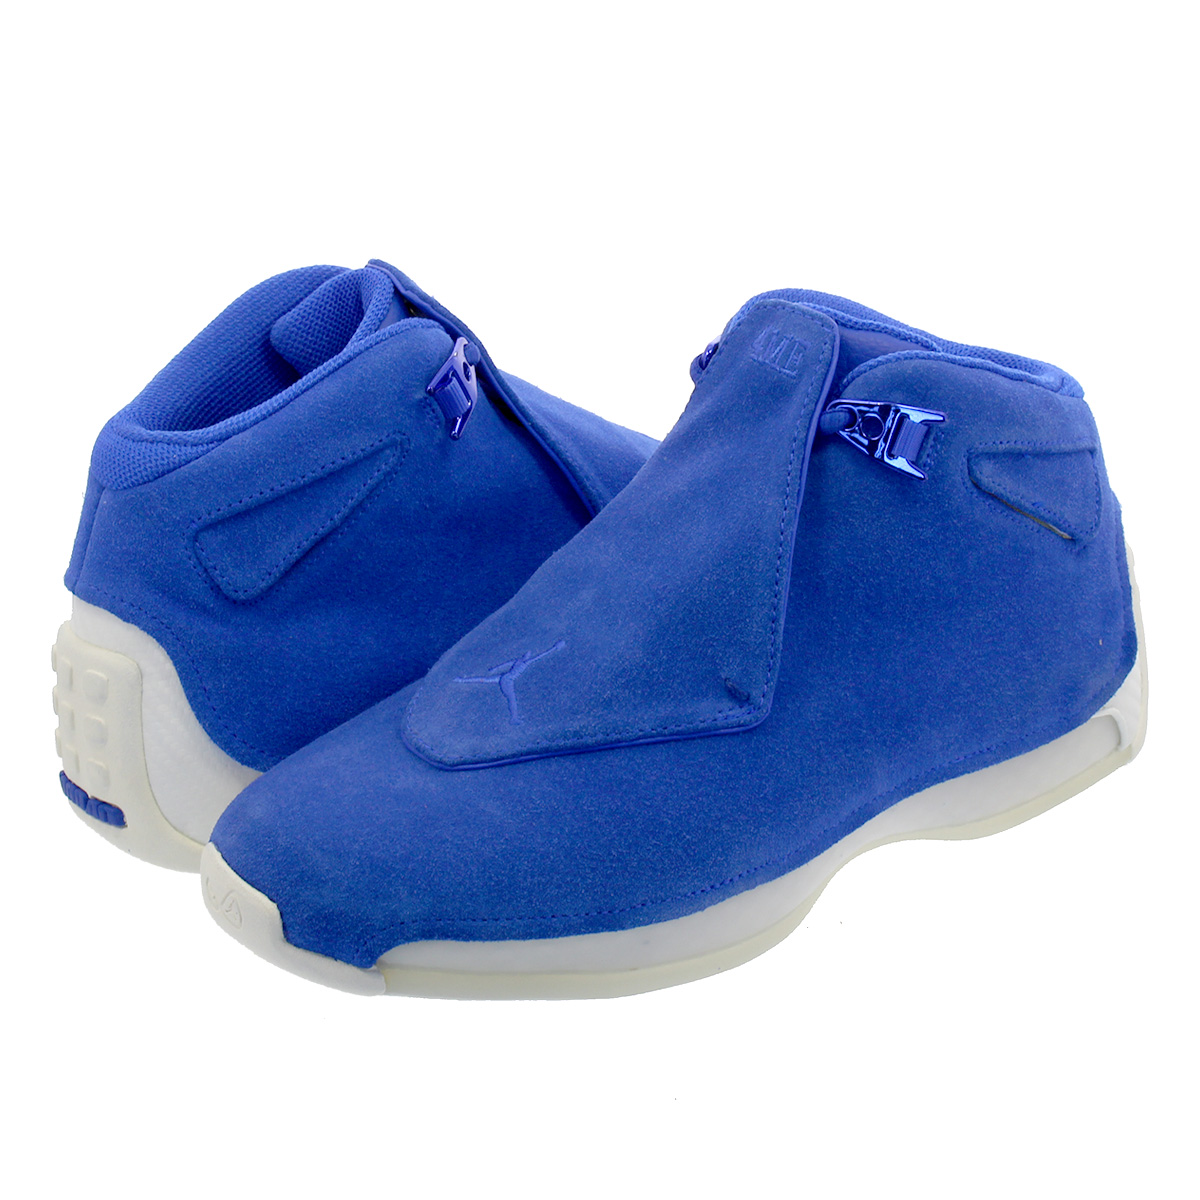 check-out bc37d e0a9b NIKE AIR JORDAN 18 RETRO Nike Air Jordan 18 nostalgic RACER BLUE/RACER  BLUE/SAIL aa2494-401